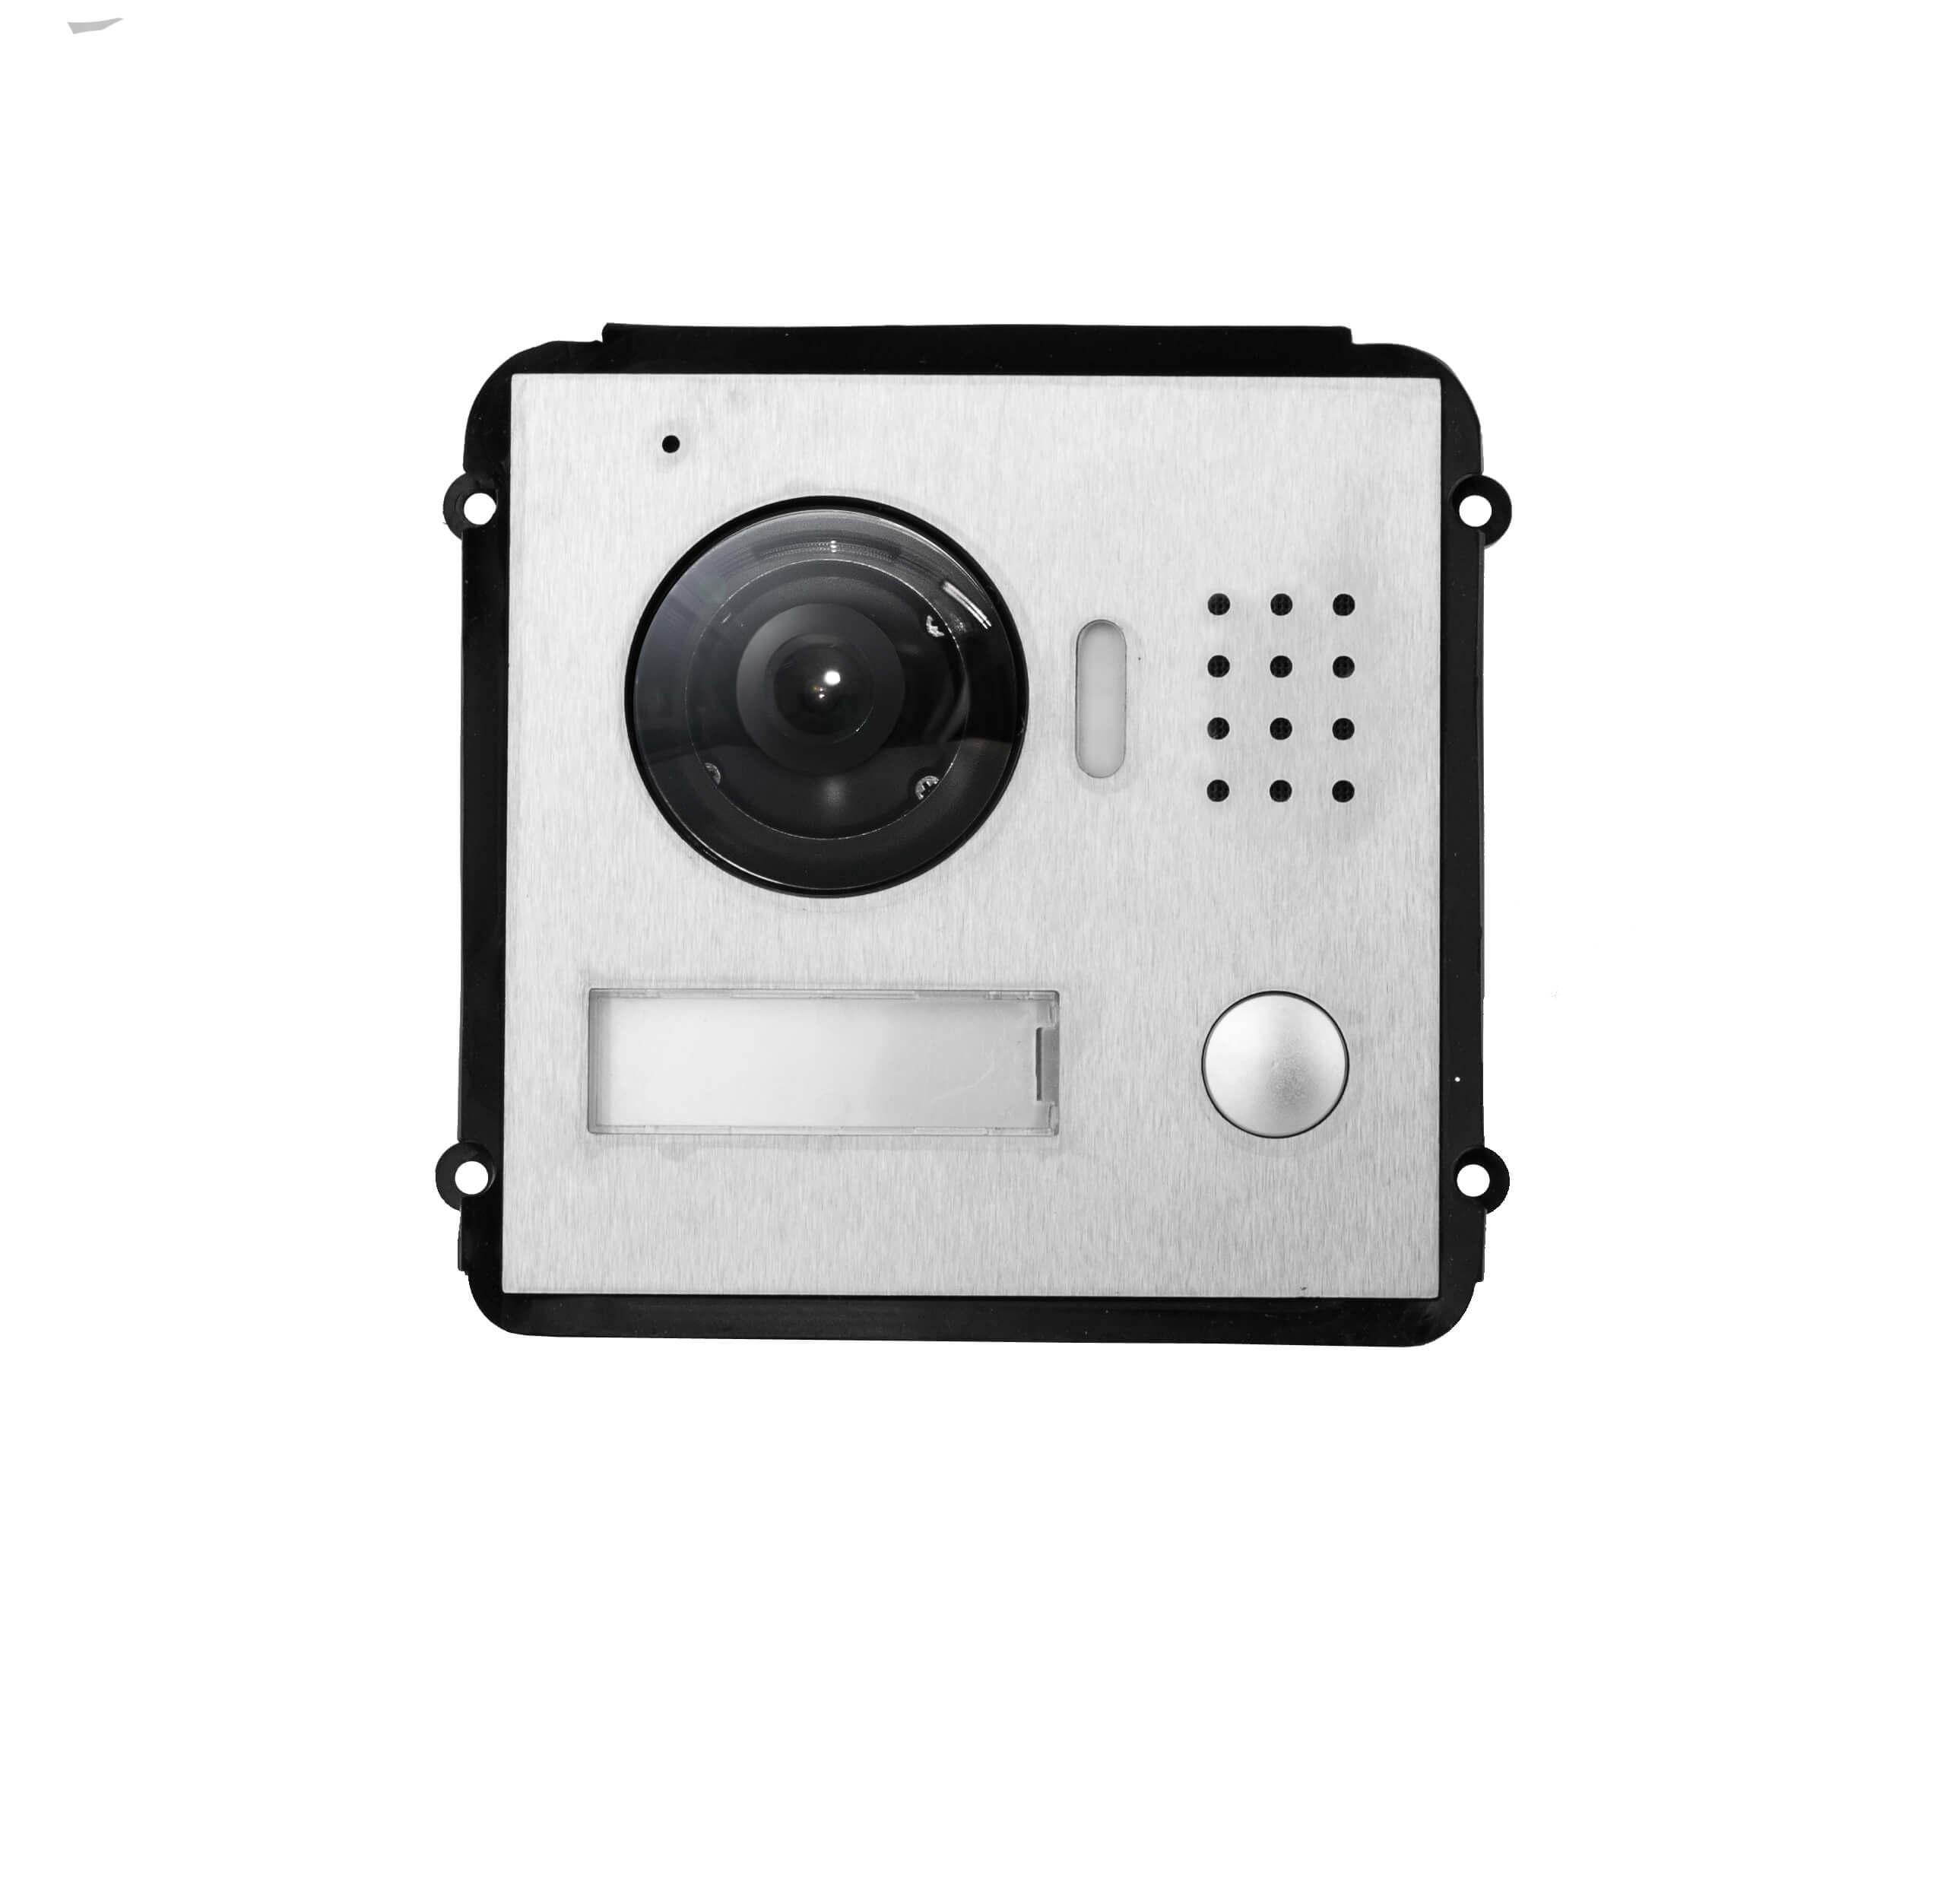 ip poe switch für bis zu 6 monitore / außenstationen - goliath intercom